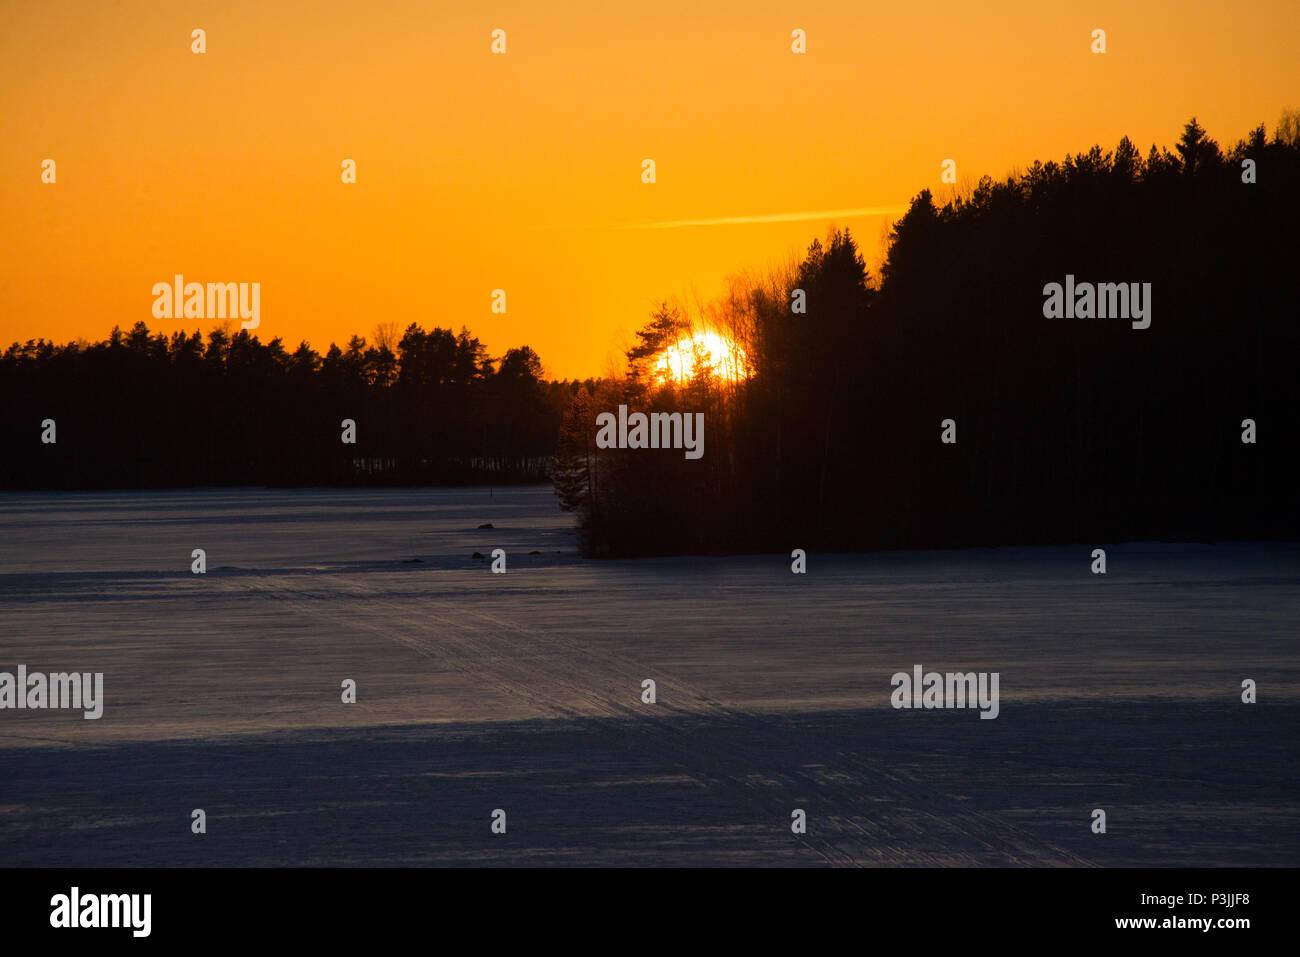 Lake Kukkia Sunset. Luopioinen, Pirkanmaa, Finland. 10.4.2018 - Stock Image